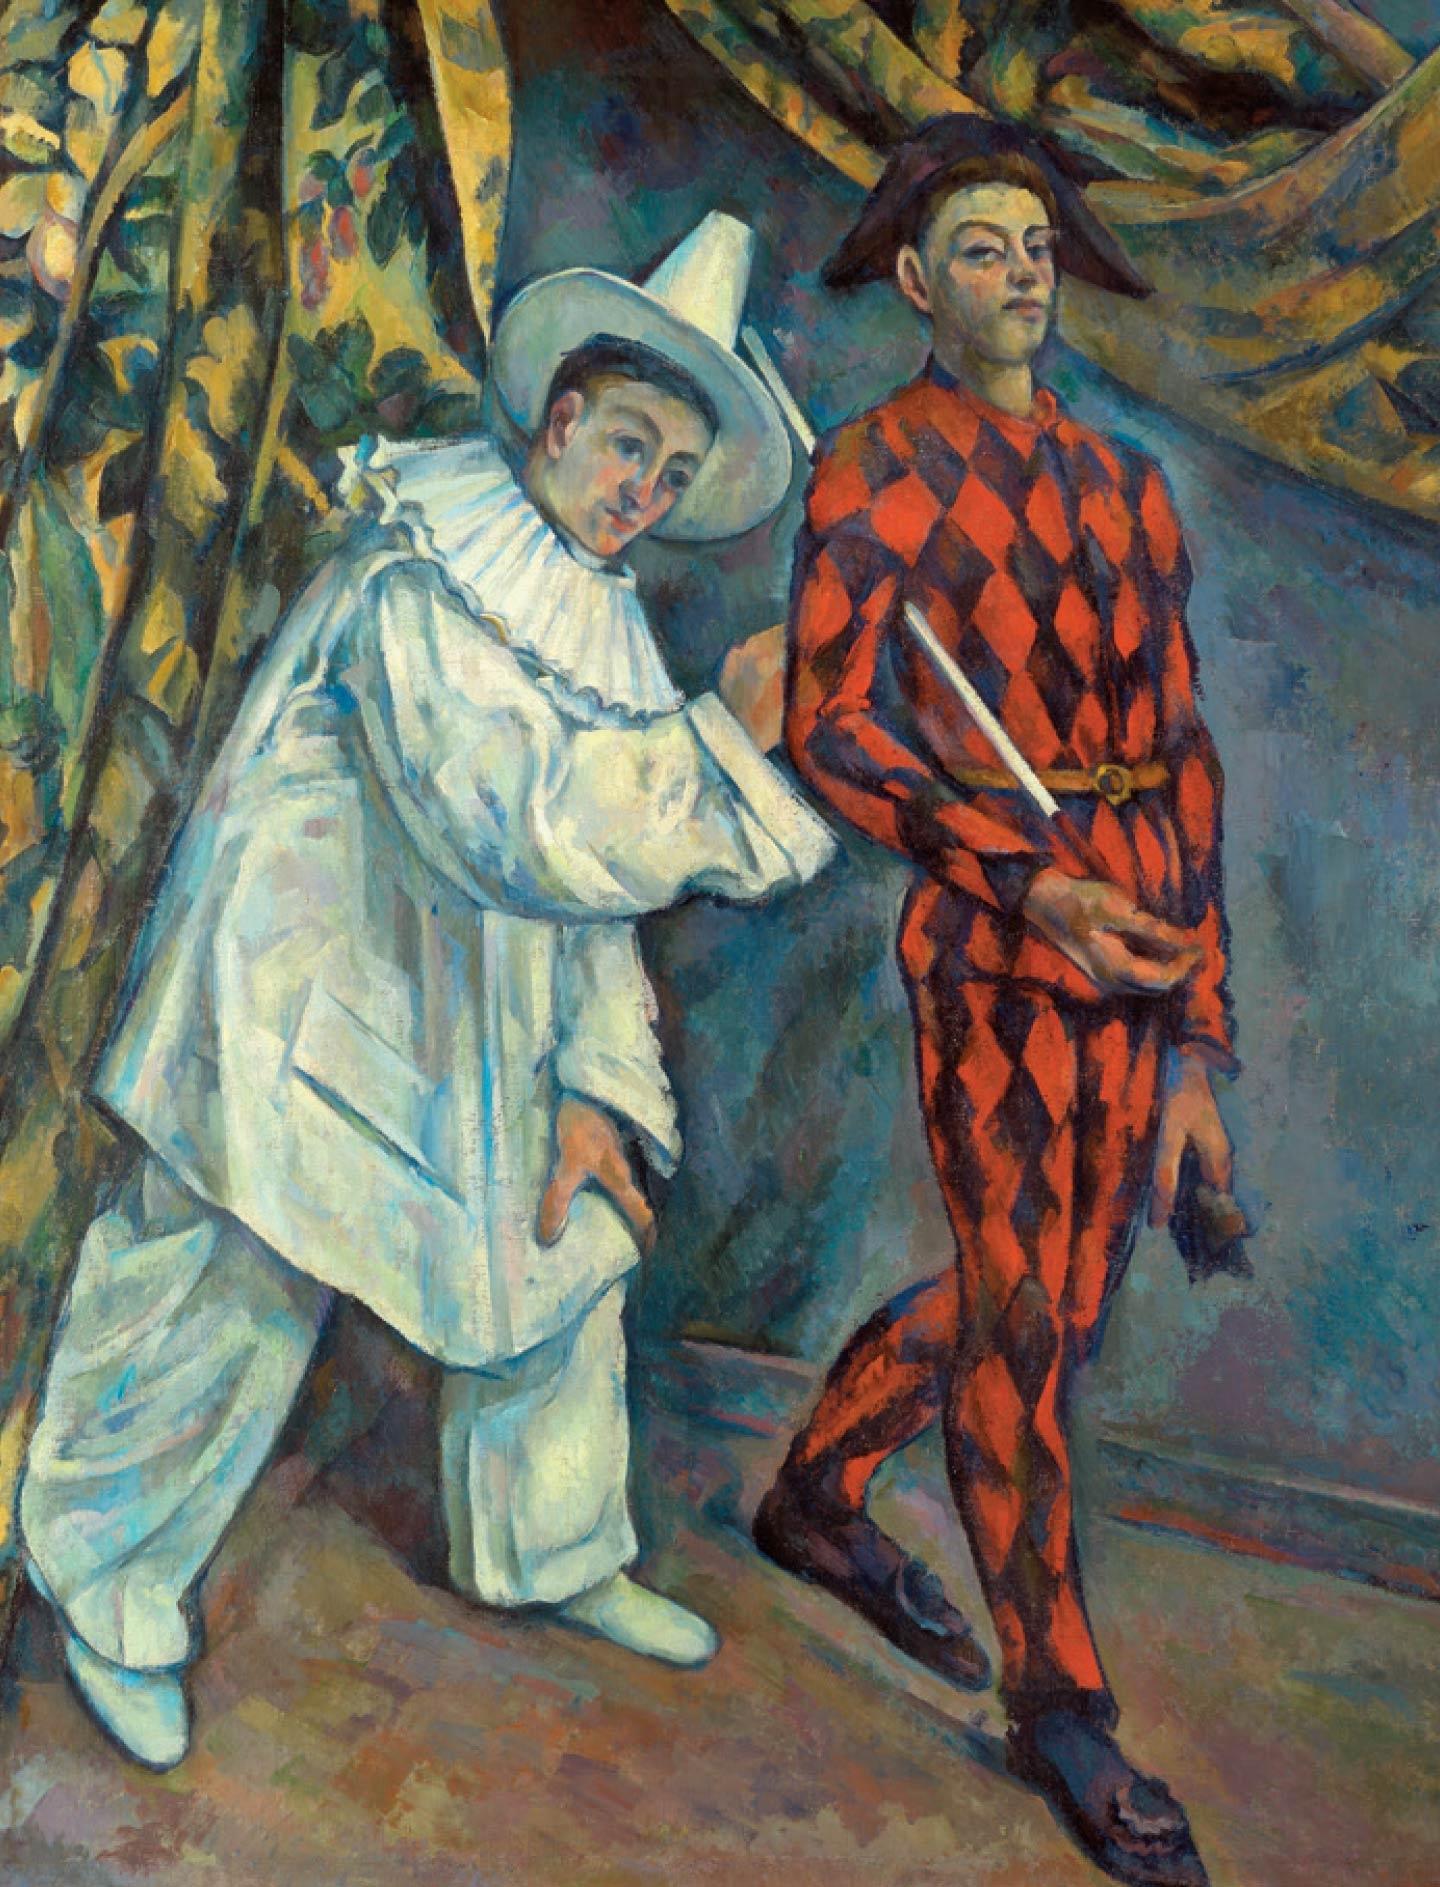 폴 세잔, 'Mardi Gras (Pierrot et Arlequin)', 1888-1890. Courtesy Musee d'Etat des Beaux-Arts Pouchkine, Moscou